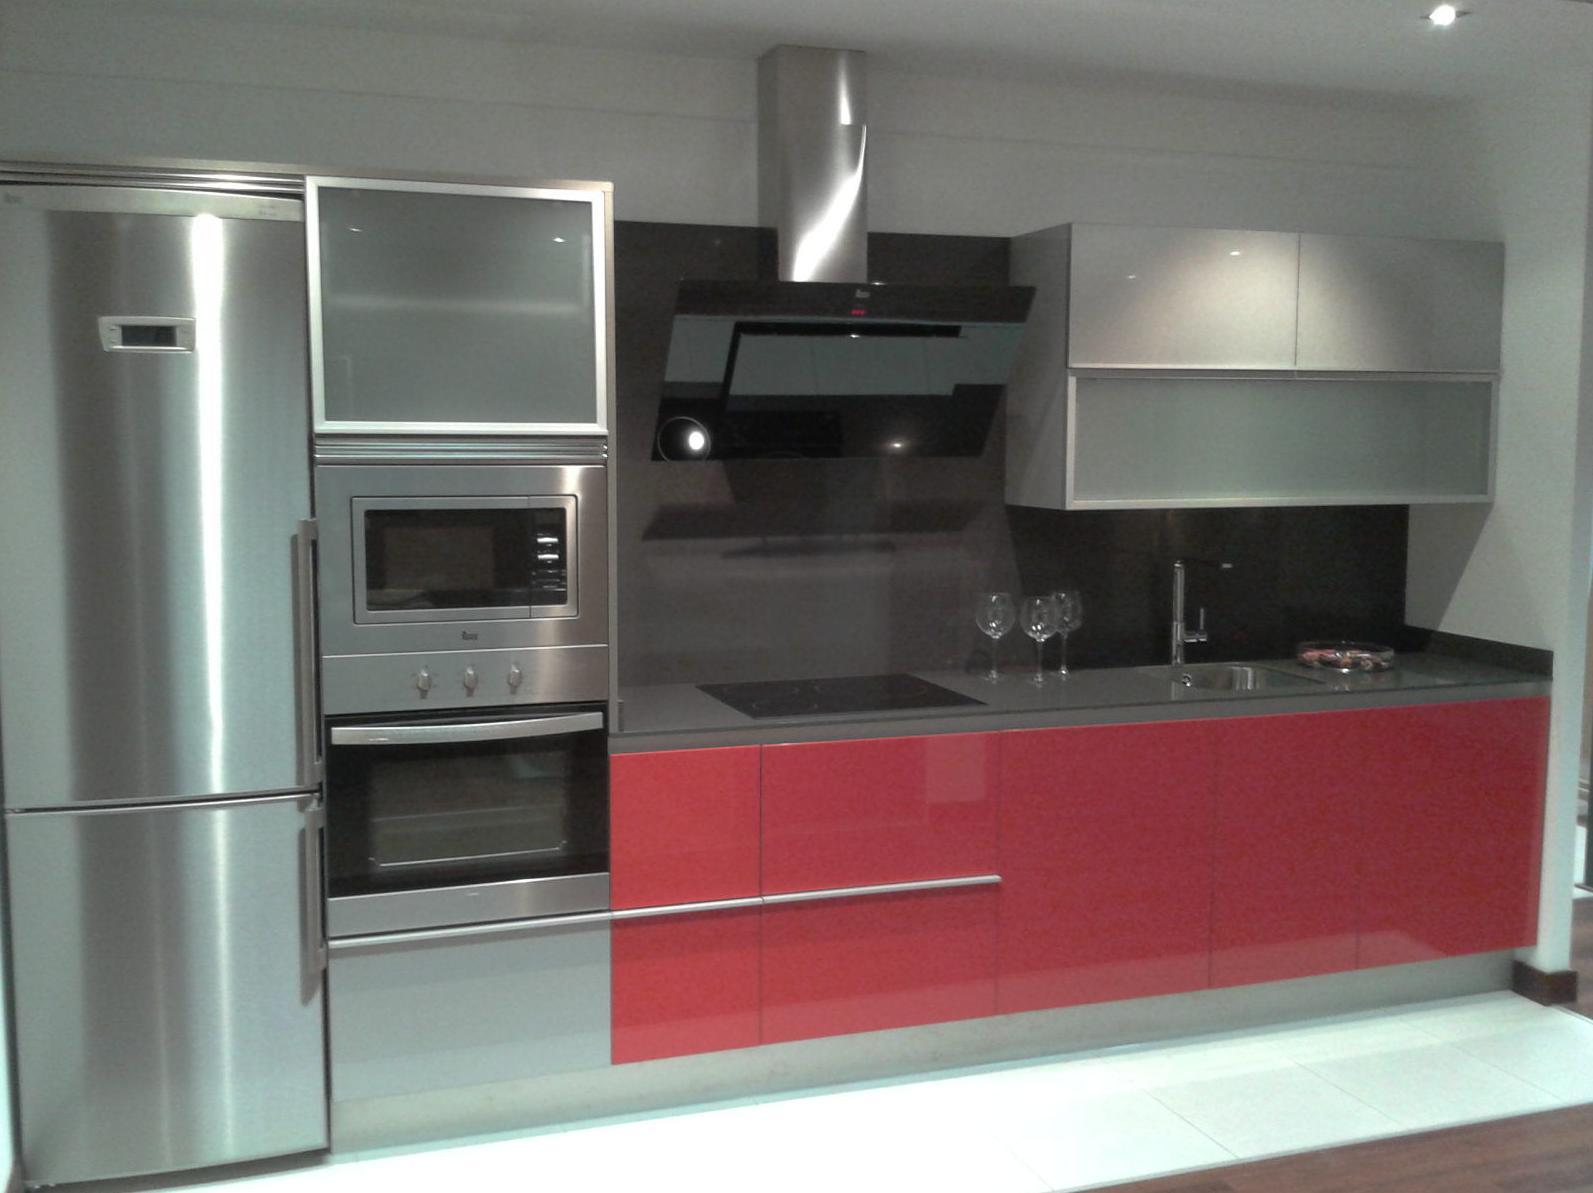 Foto 20 de Muebles de baño y cocina en Zaragoza | Decocina